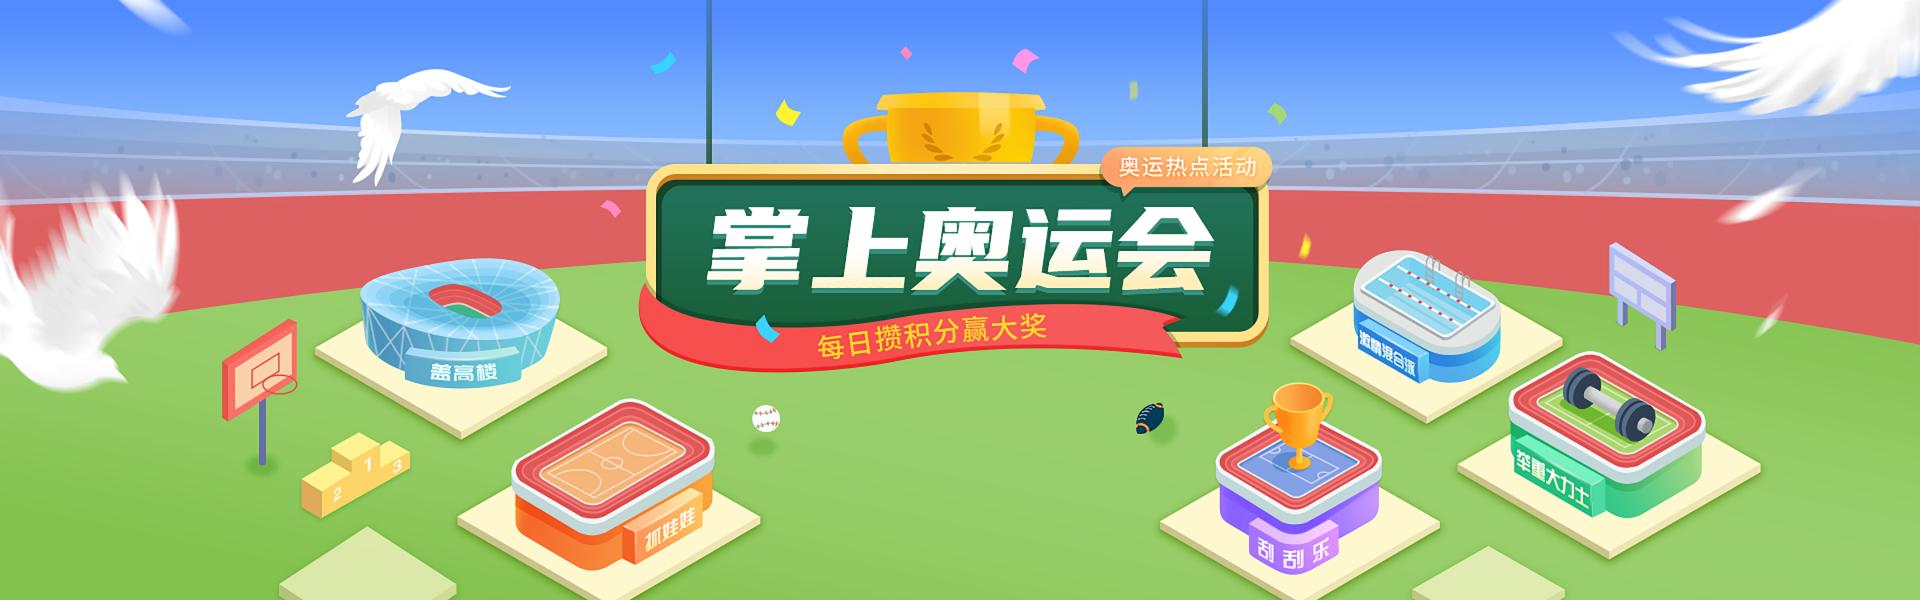 奥运h5小游戏营销活动